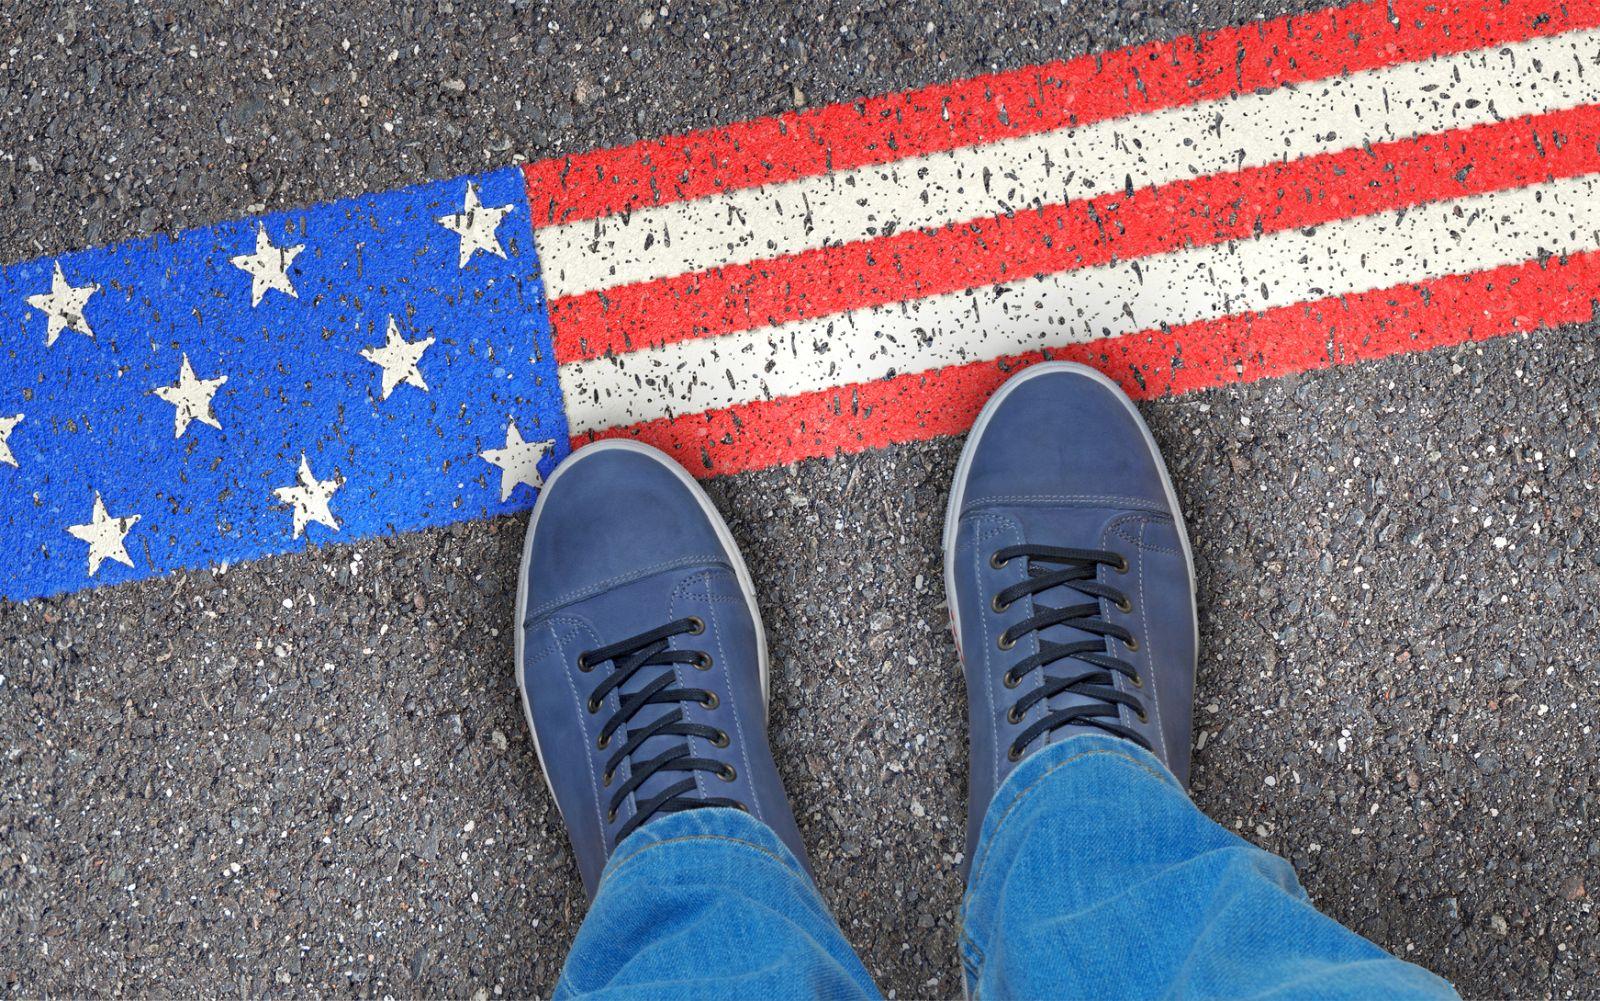 ESTA für die USA - Genehmigung zur Anreise